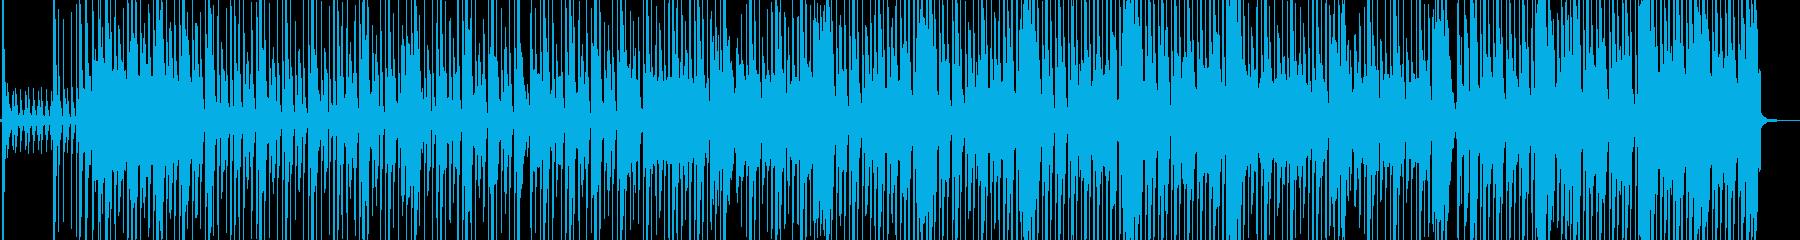 魅惑的な雰囲気・妖艶なR&B 短尺の再生済みの波形